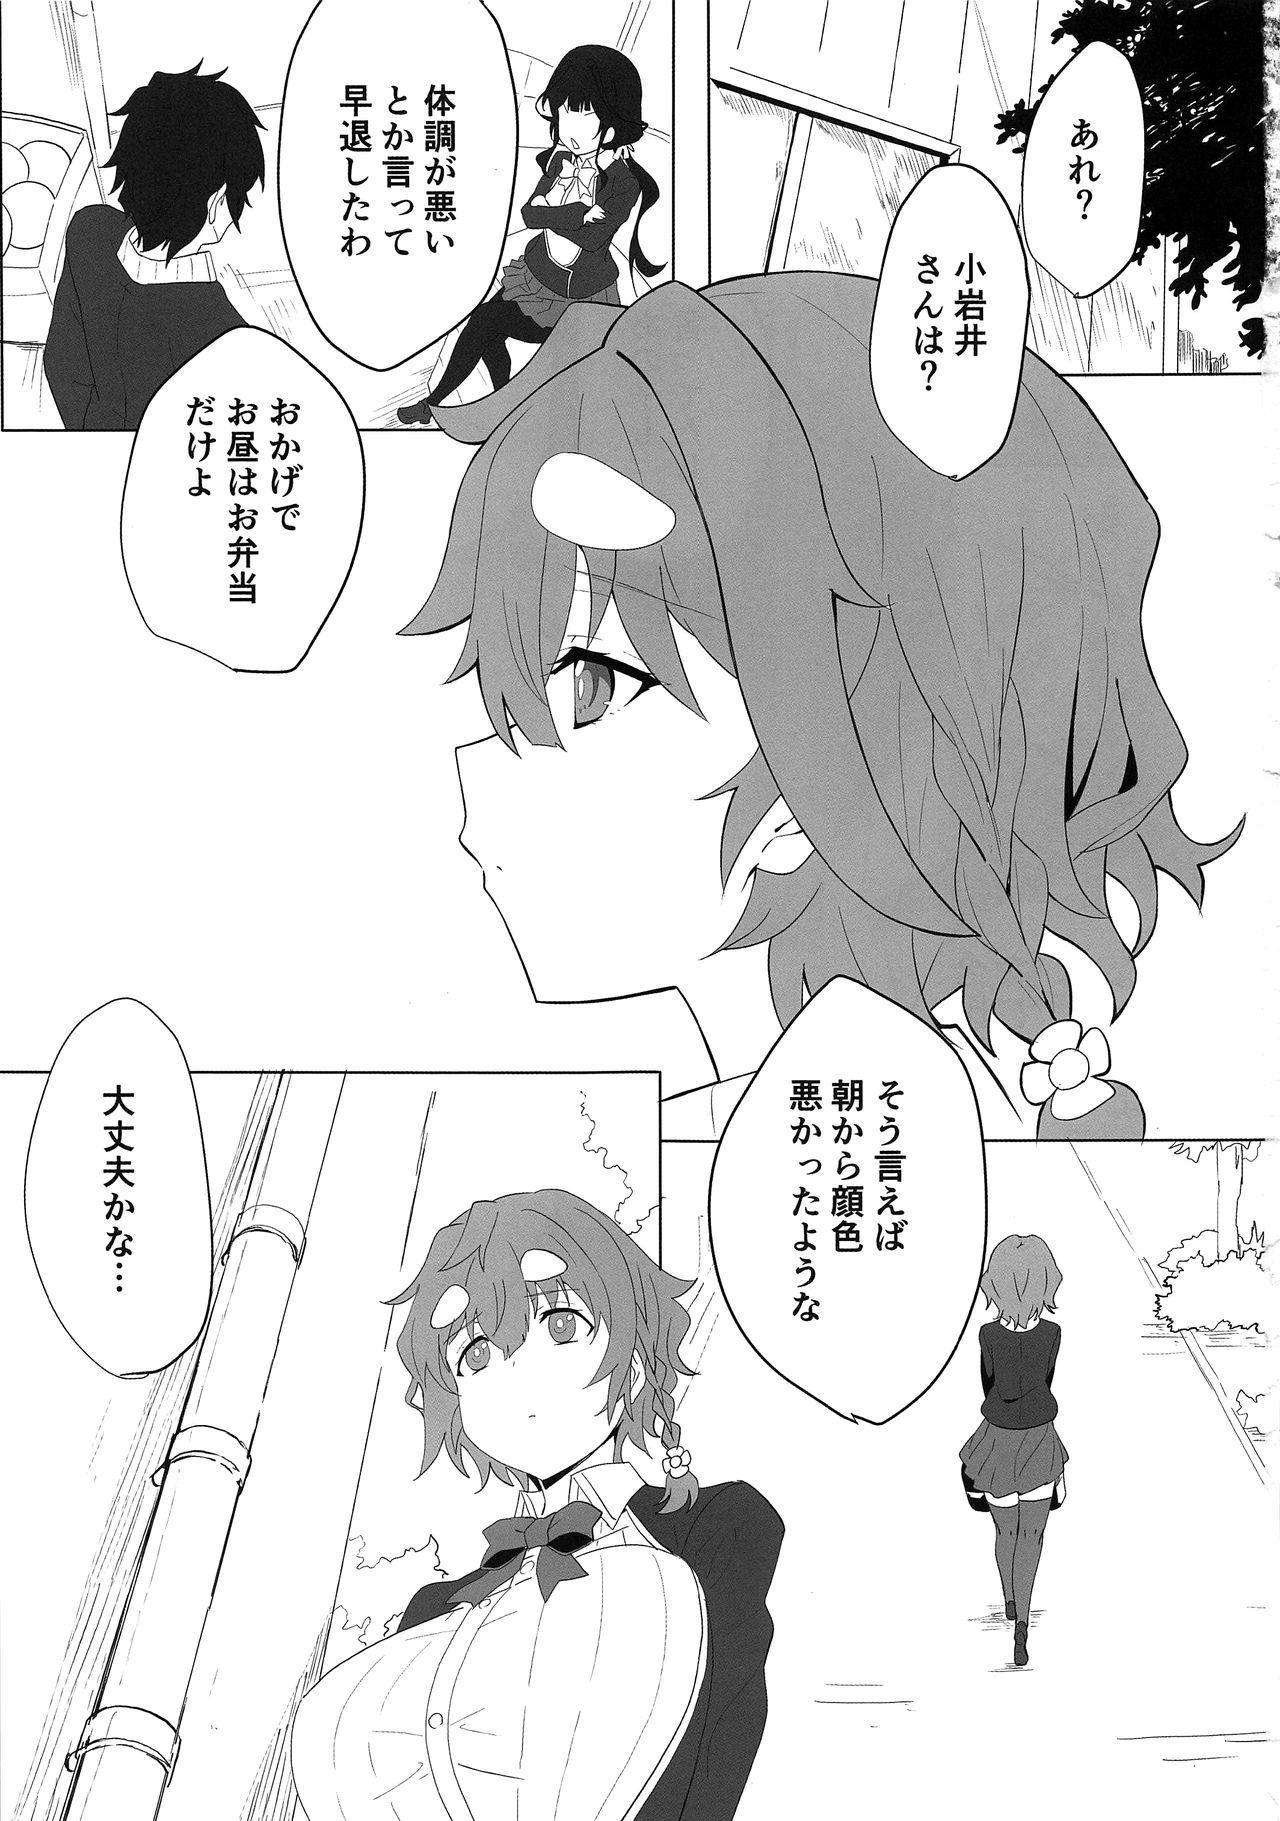 Koiwai Shishou ni Hidoi Koto suru Hon 2